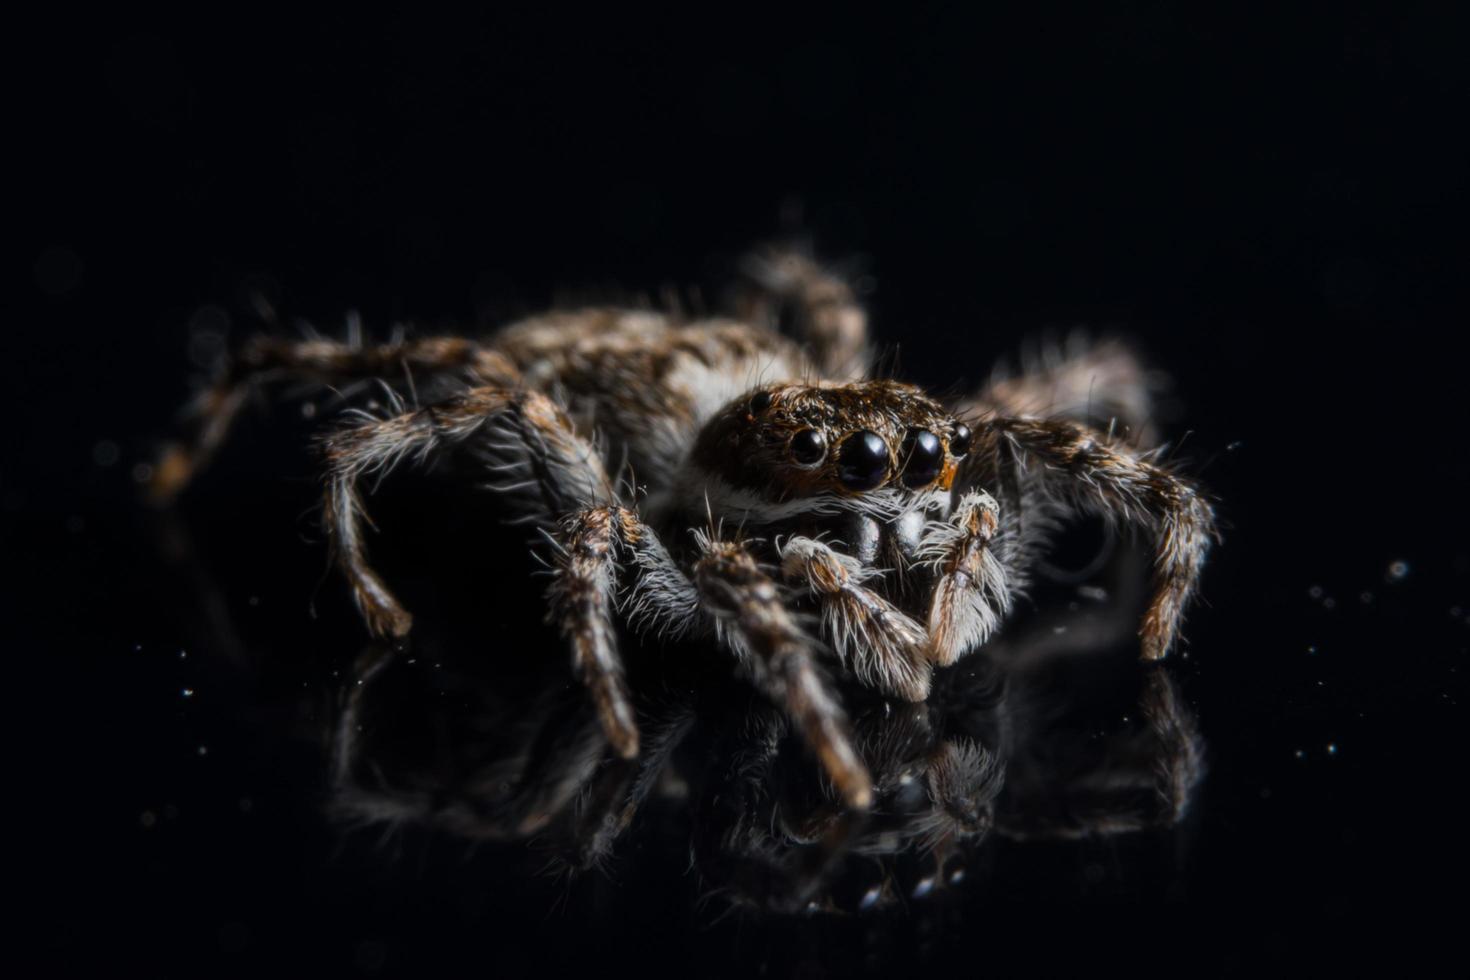 ragno sullo specchio nero foto